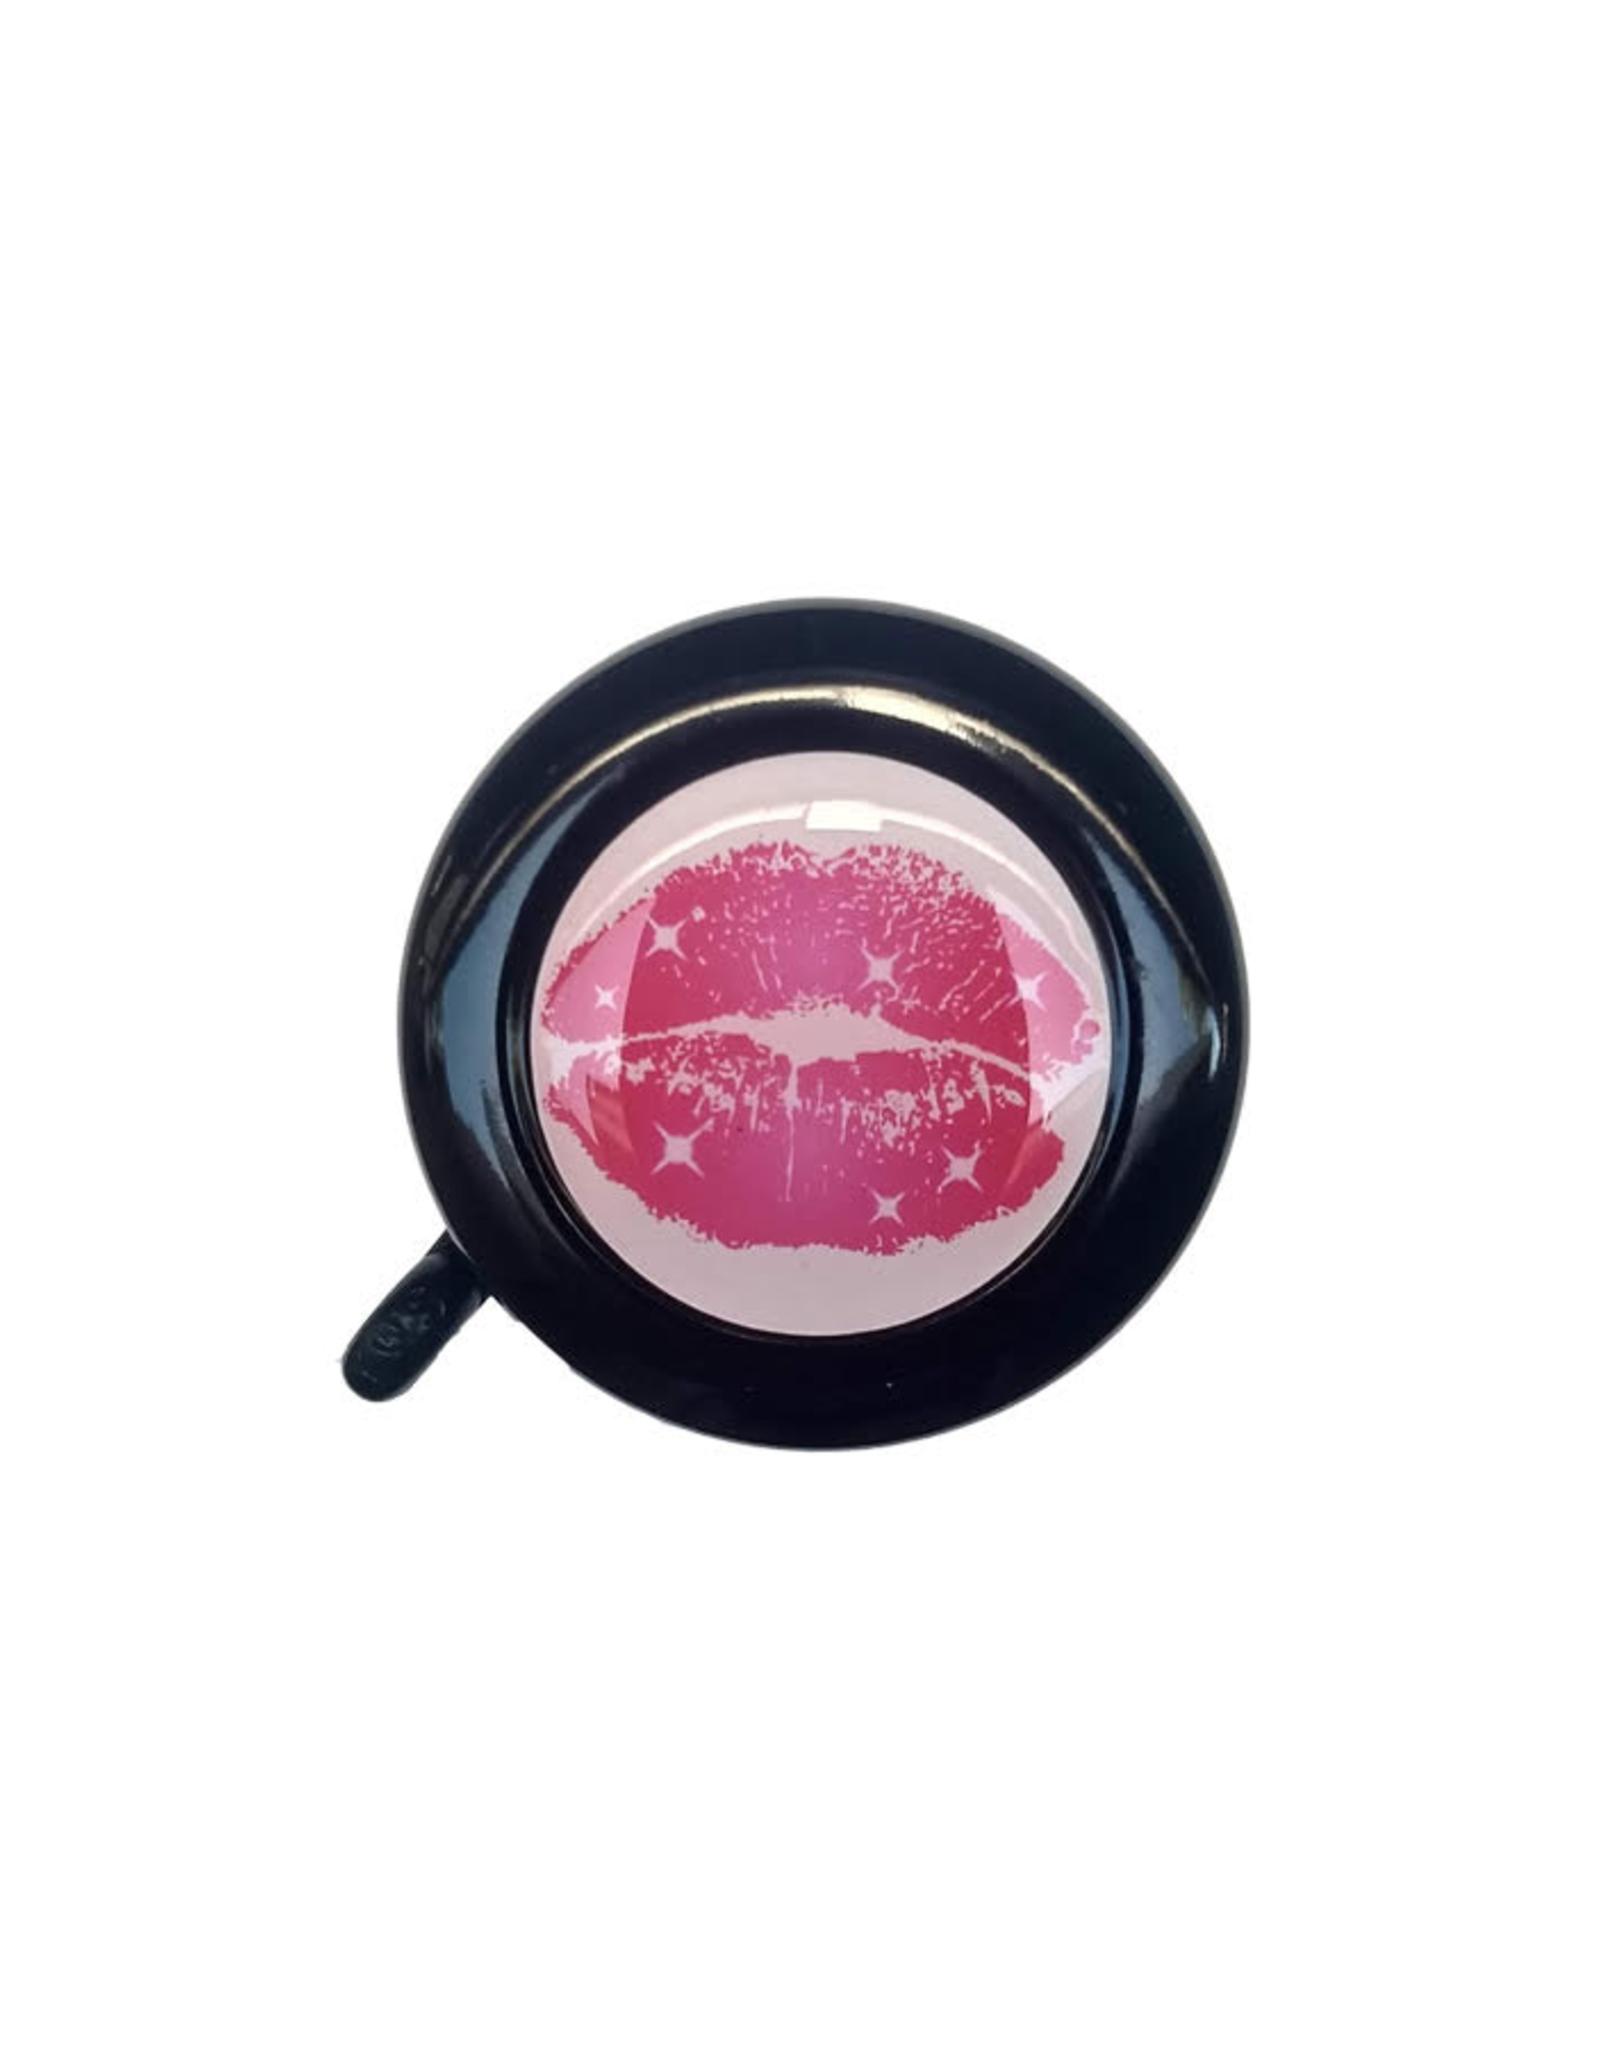 Cruiser Candy Cruiser Candy Lipstick Bell